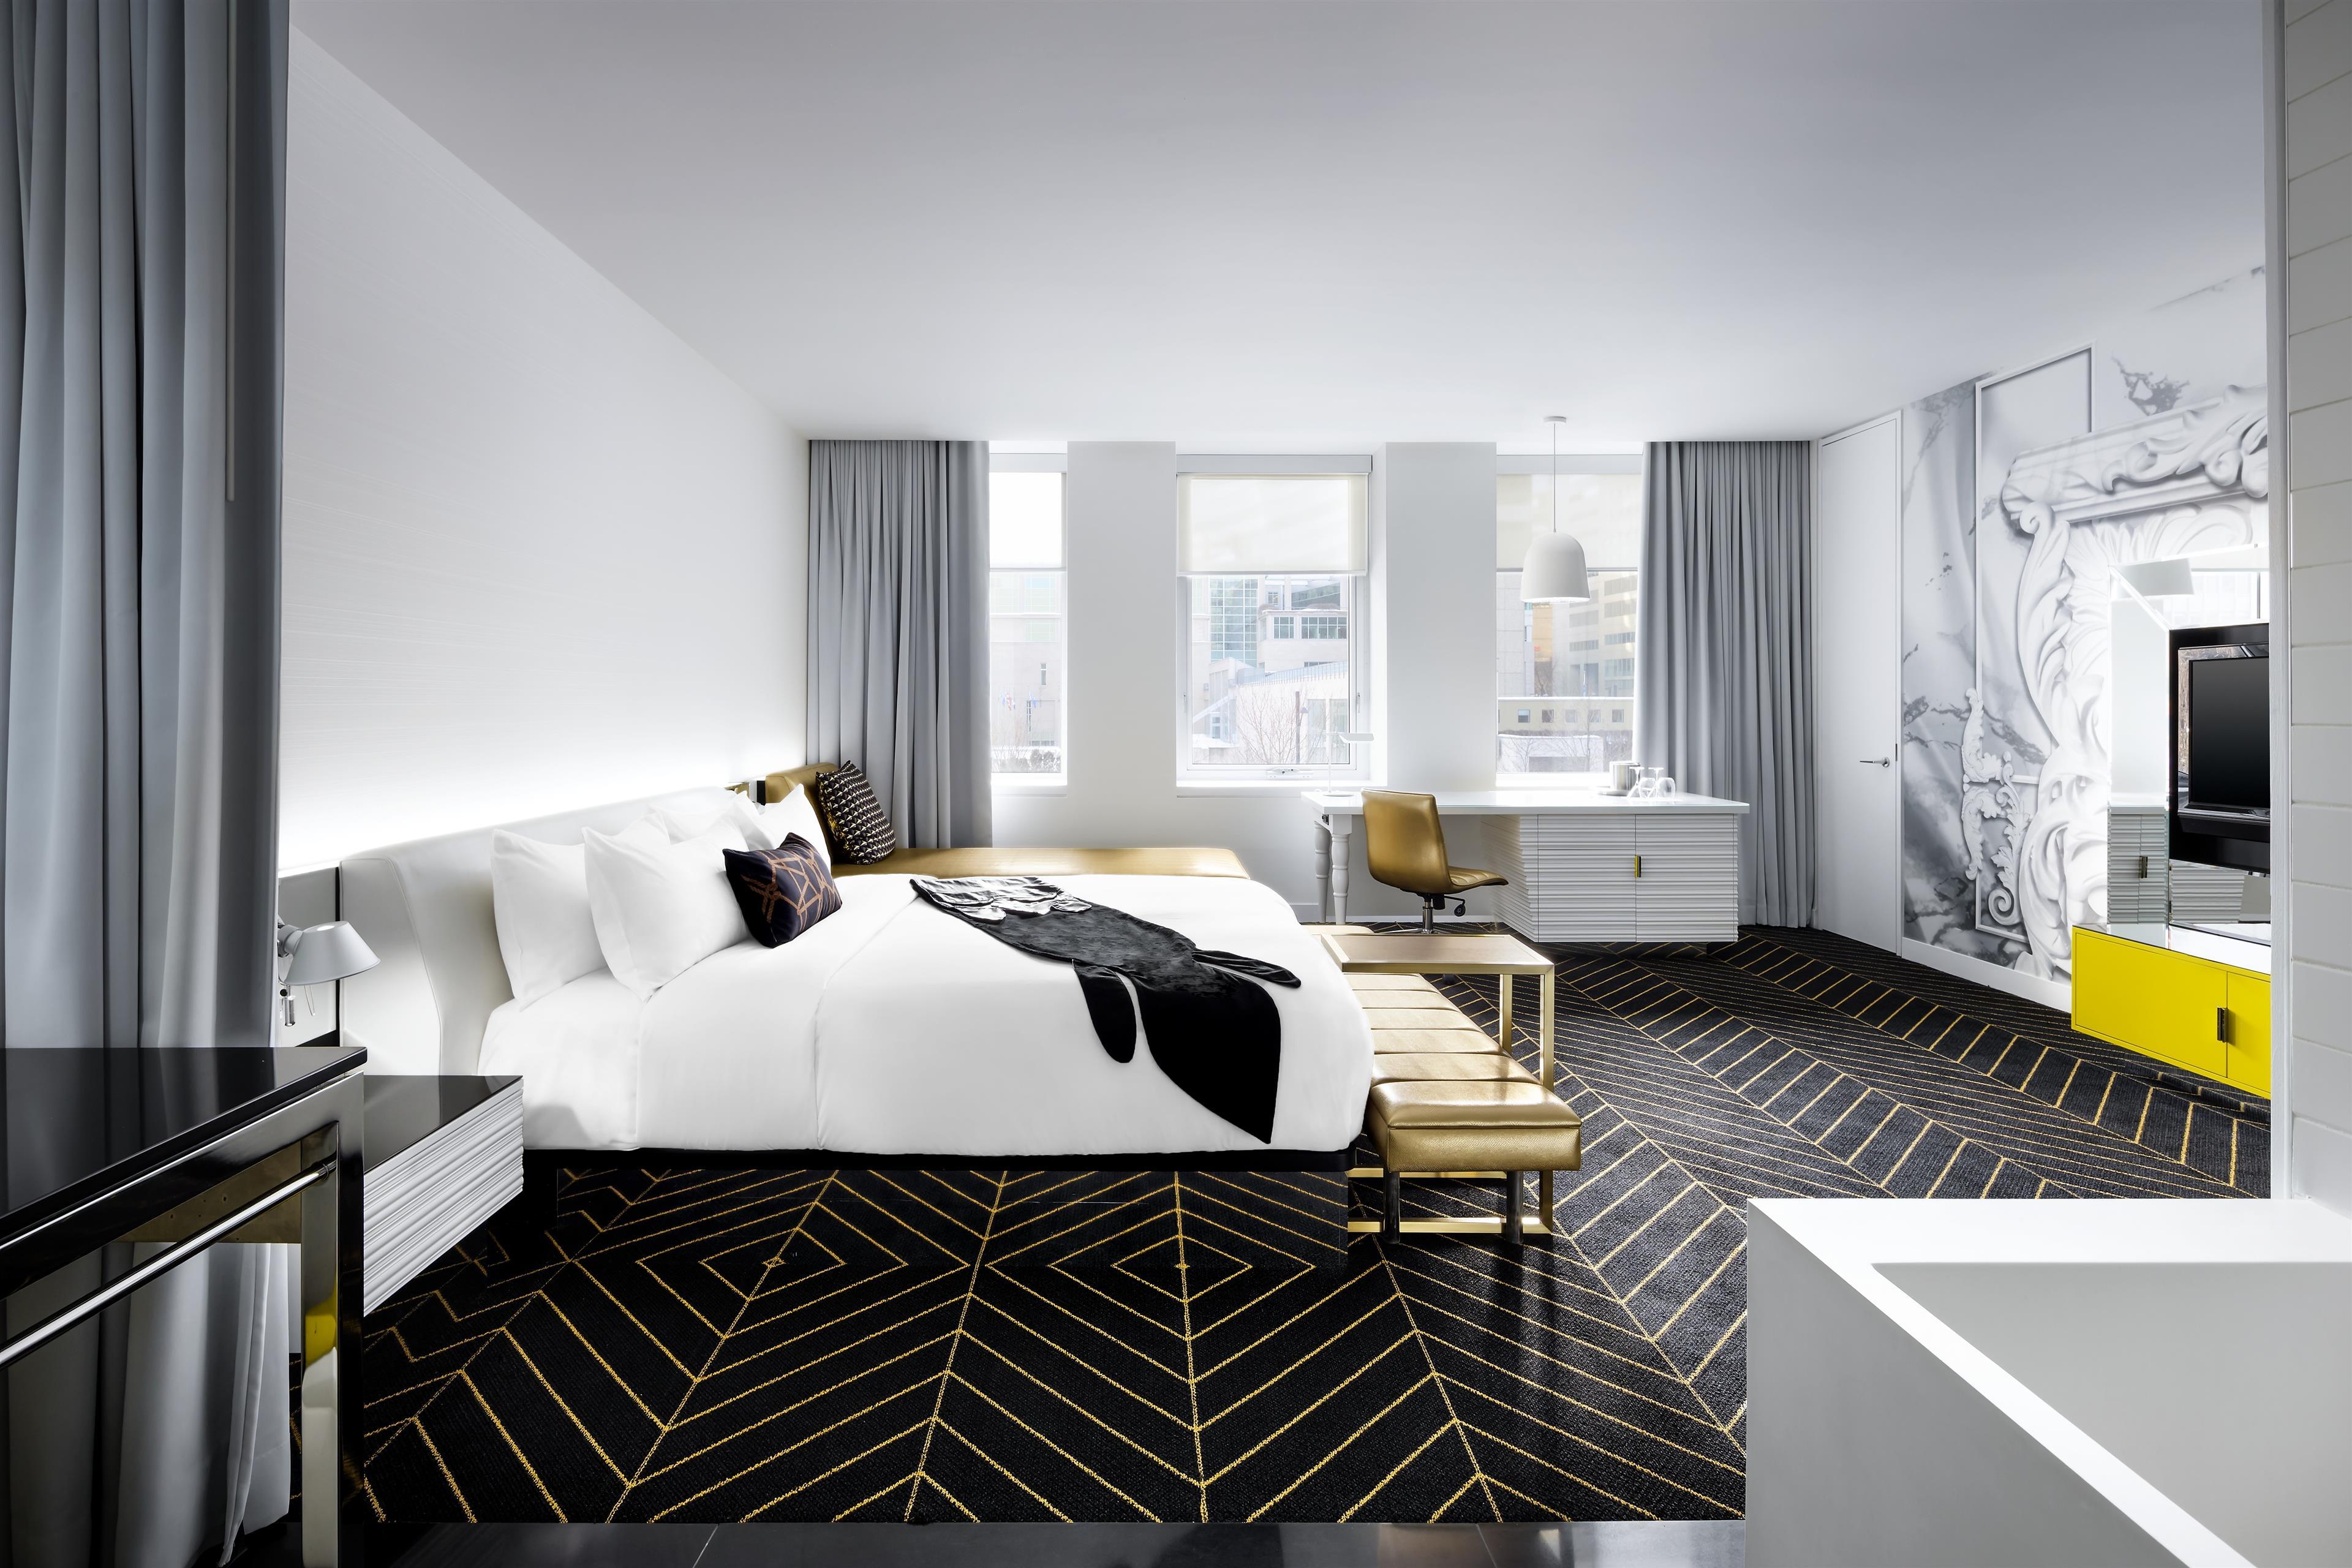 W Montréal à Montreal: Fabulous Room